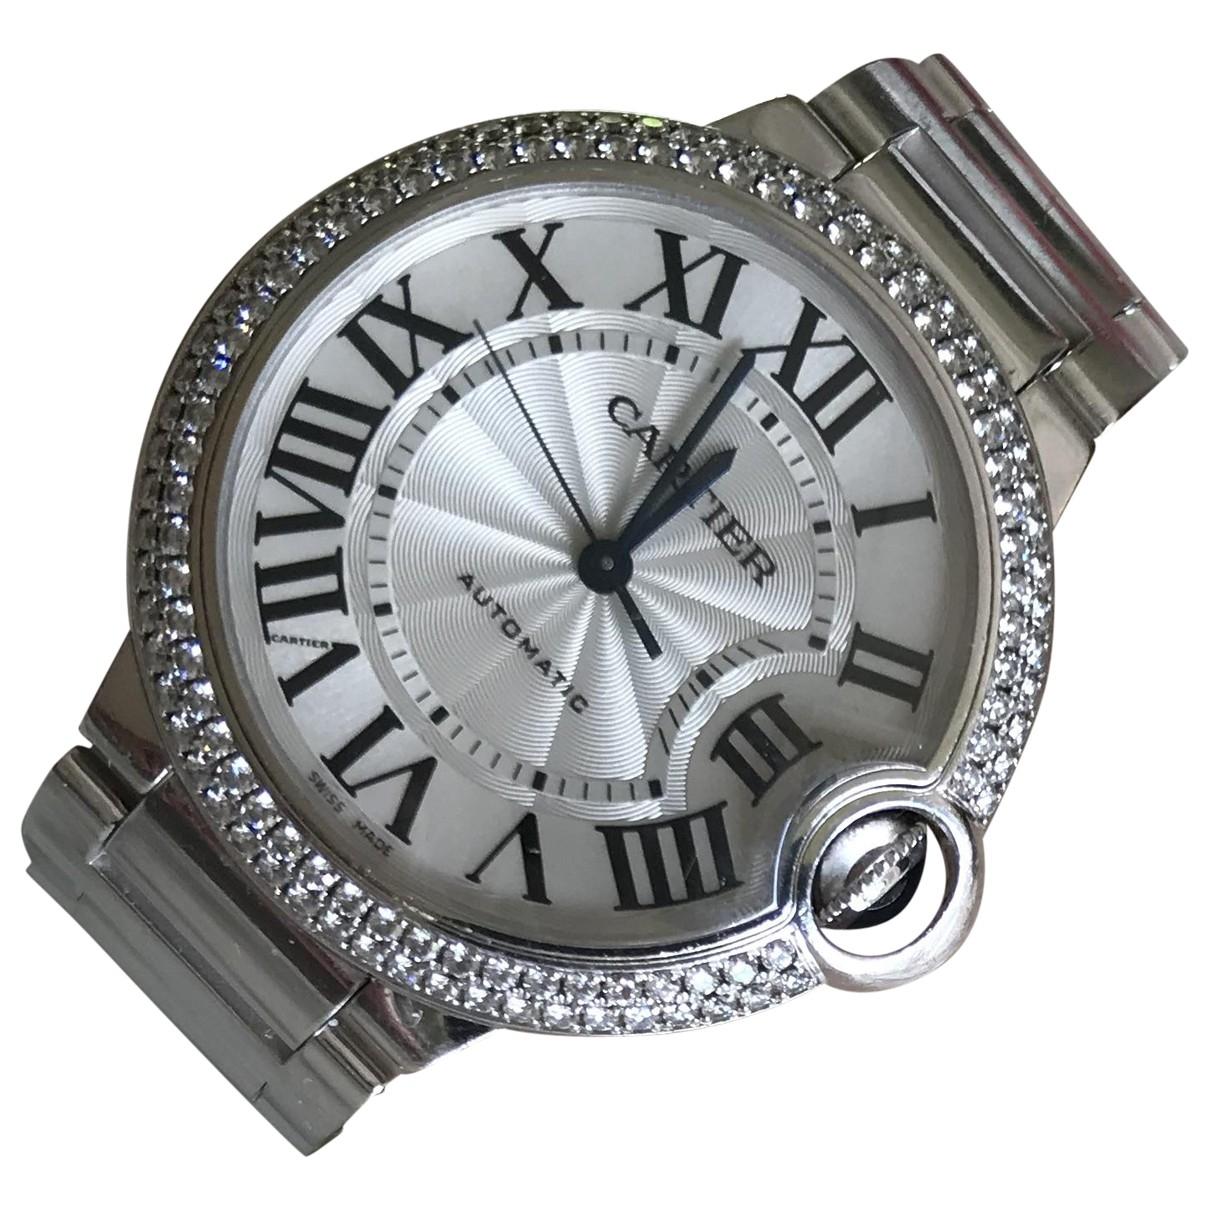 Cartier Ballon bleu Uhr in Weissgold